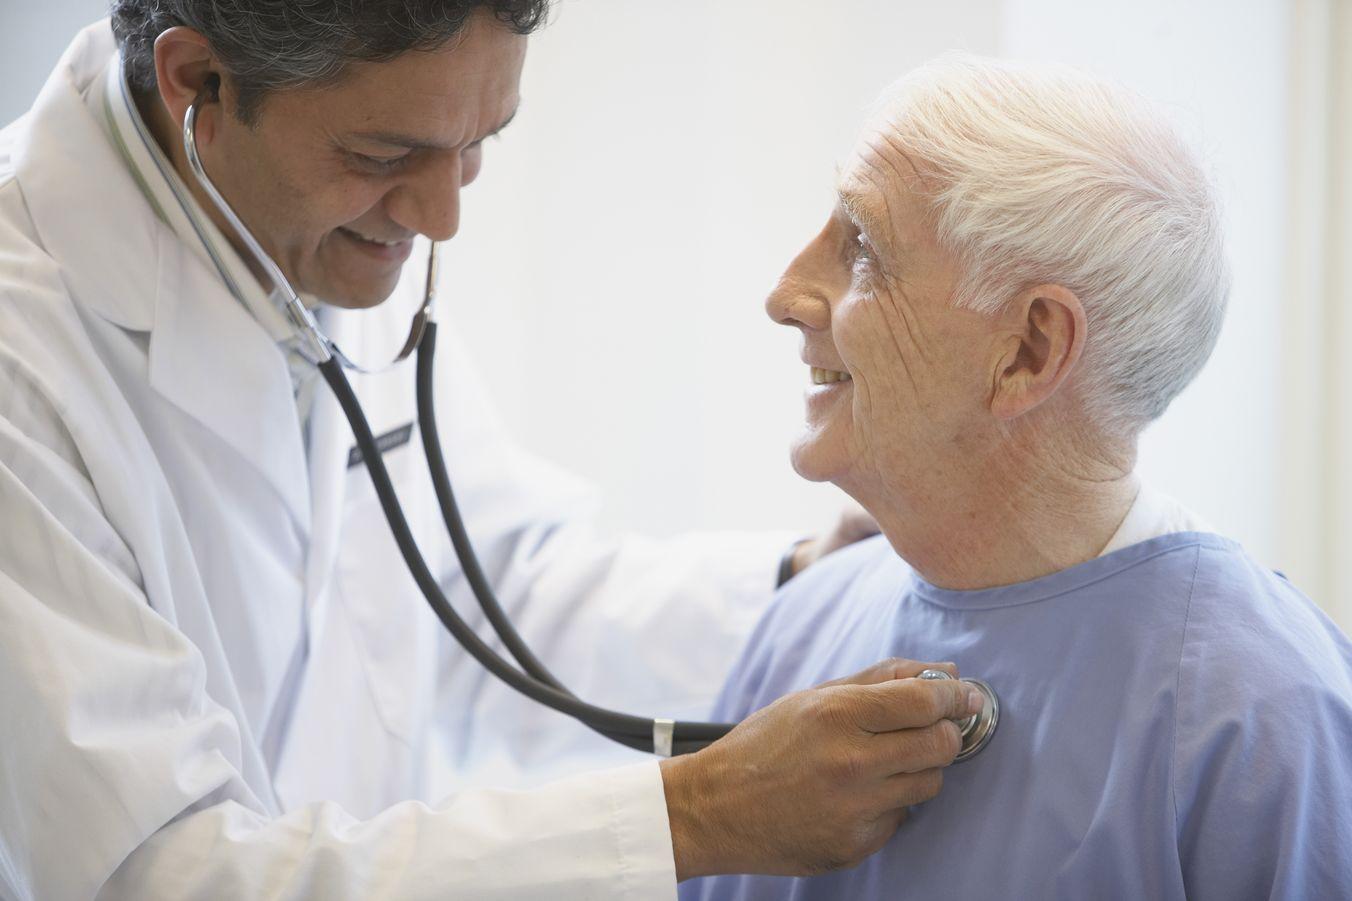 A cardiologist checks an elderly man's heart